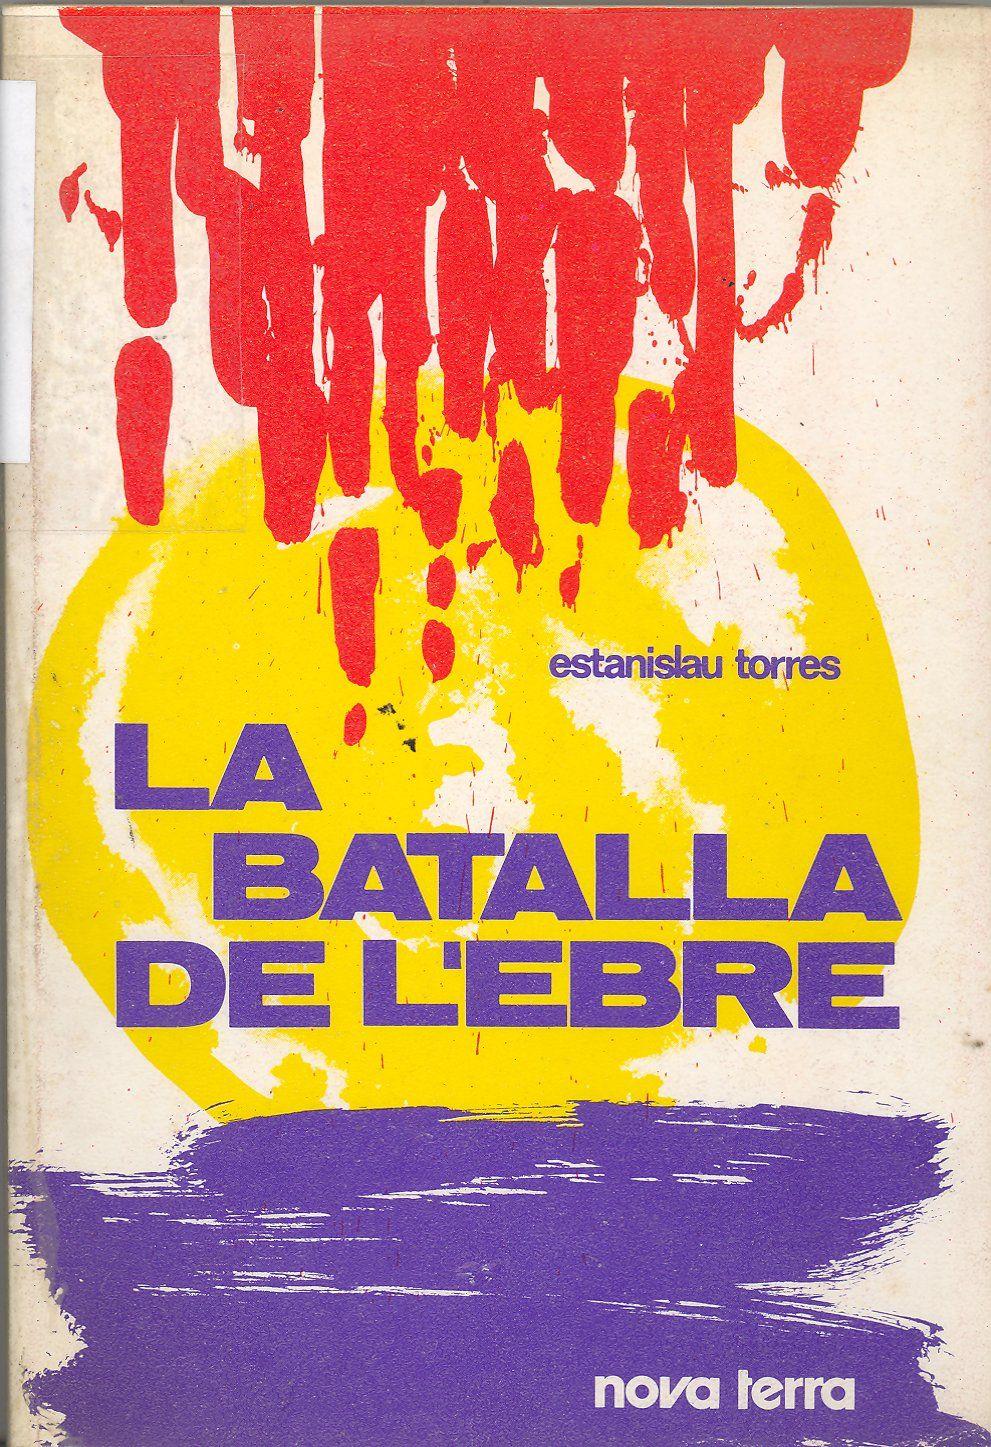 Torres, Estanislau.  La Batalla de l'Ebre. Barcelona : Nova Terra, 1975.